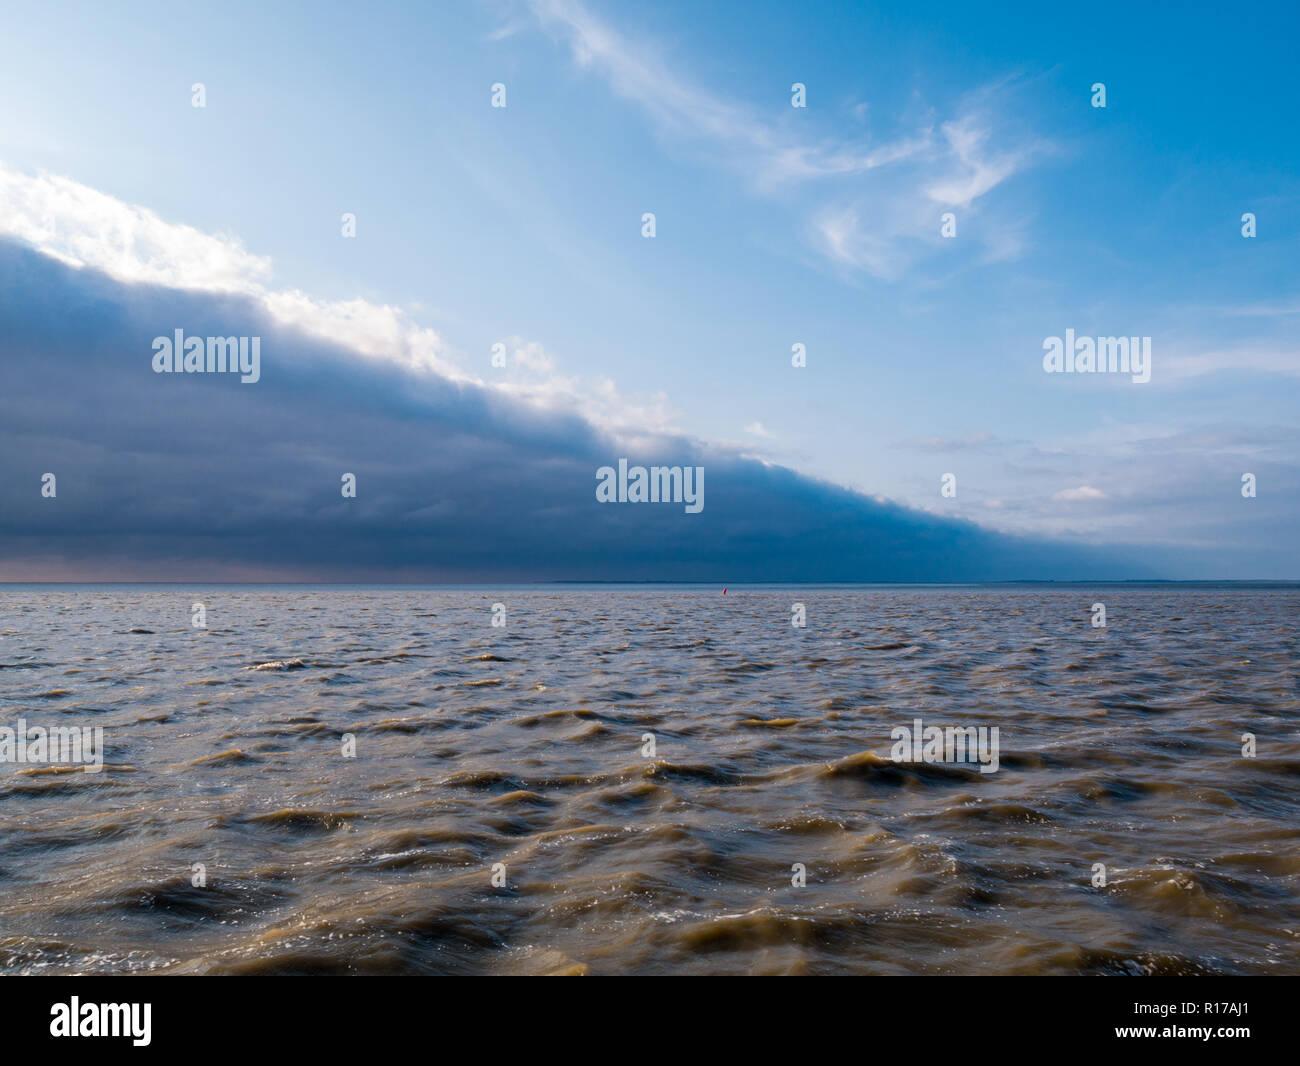 Vorderkante mit Linie der Sturmwolken des kalten Wetters vorne nähert sich blauer Himmel auf rauen Wasser des Wattenmeer, Niederlande Stockbild